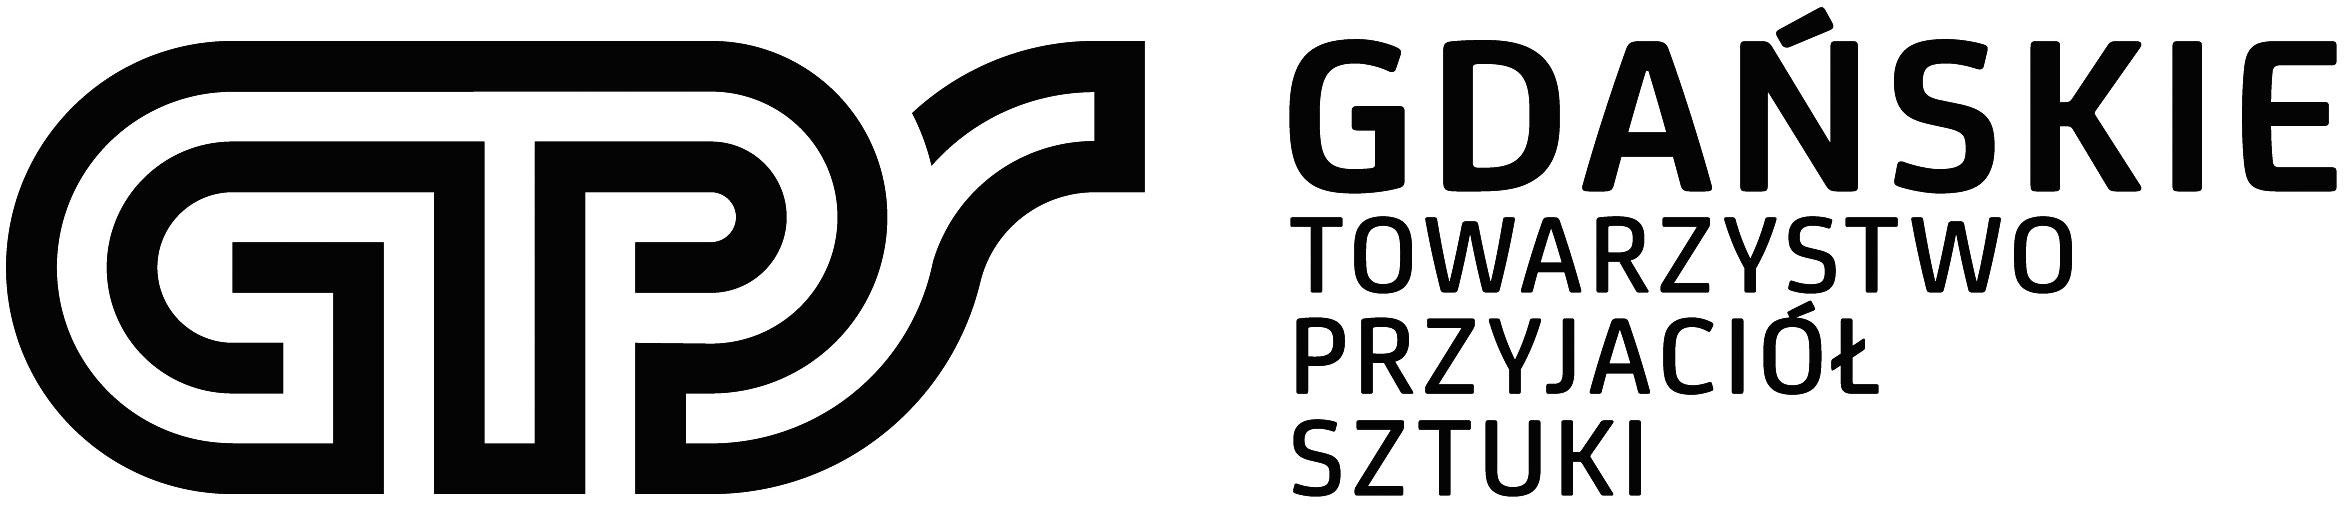 Gdańskie Towarzystwo Przyjaciół Sztuki